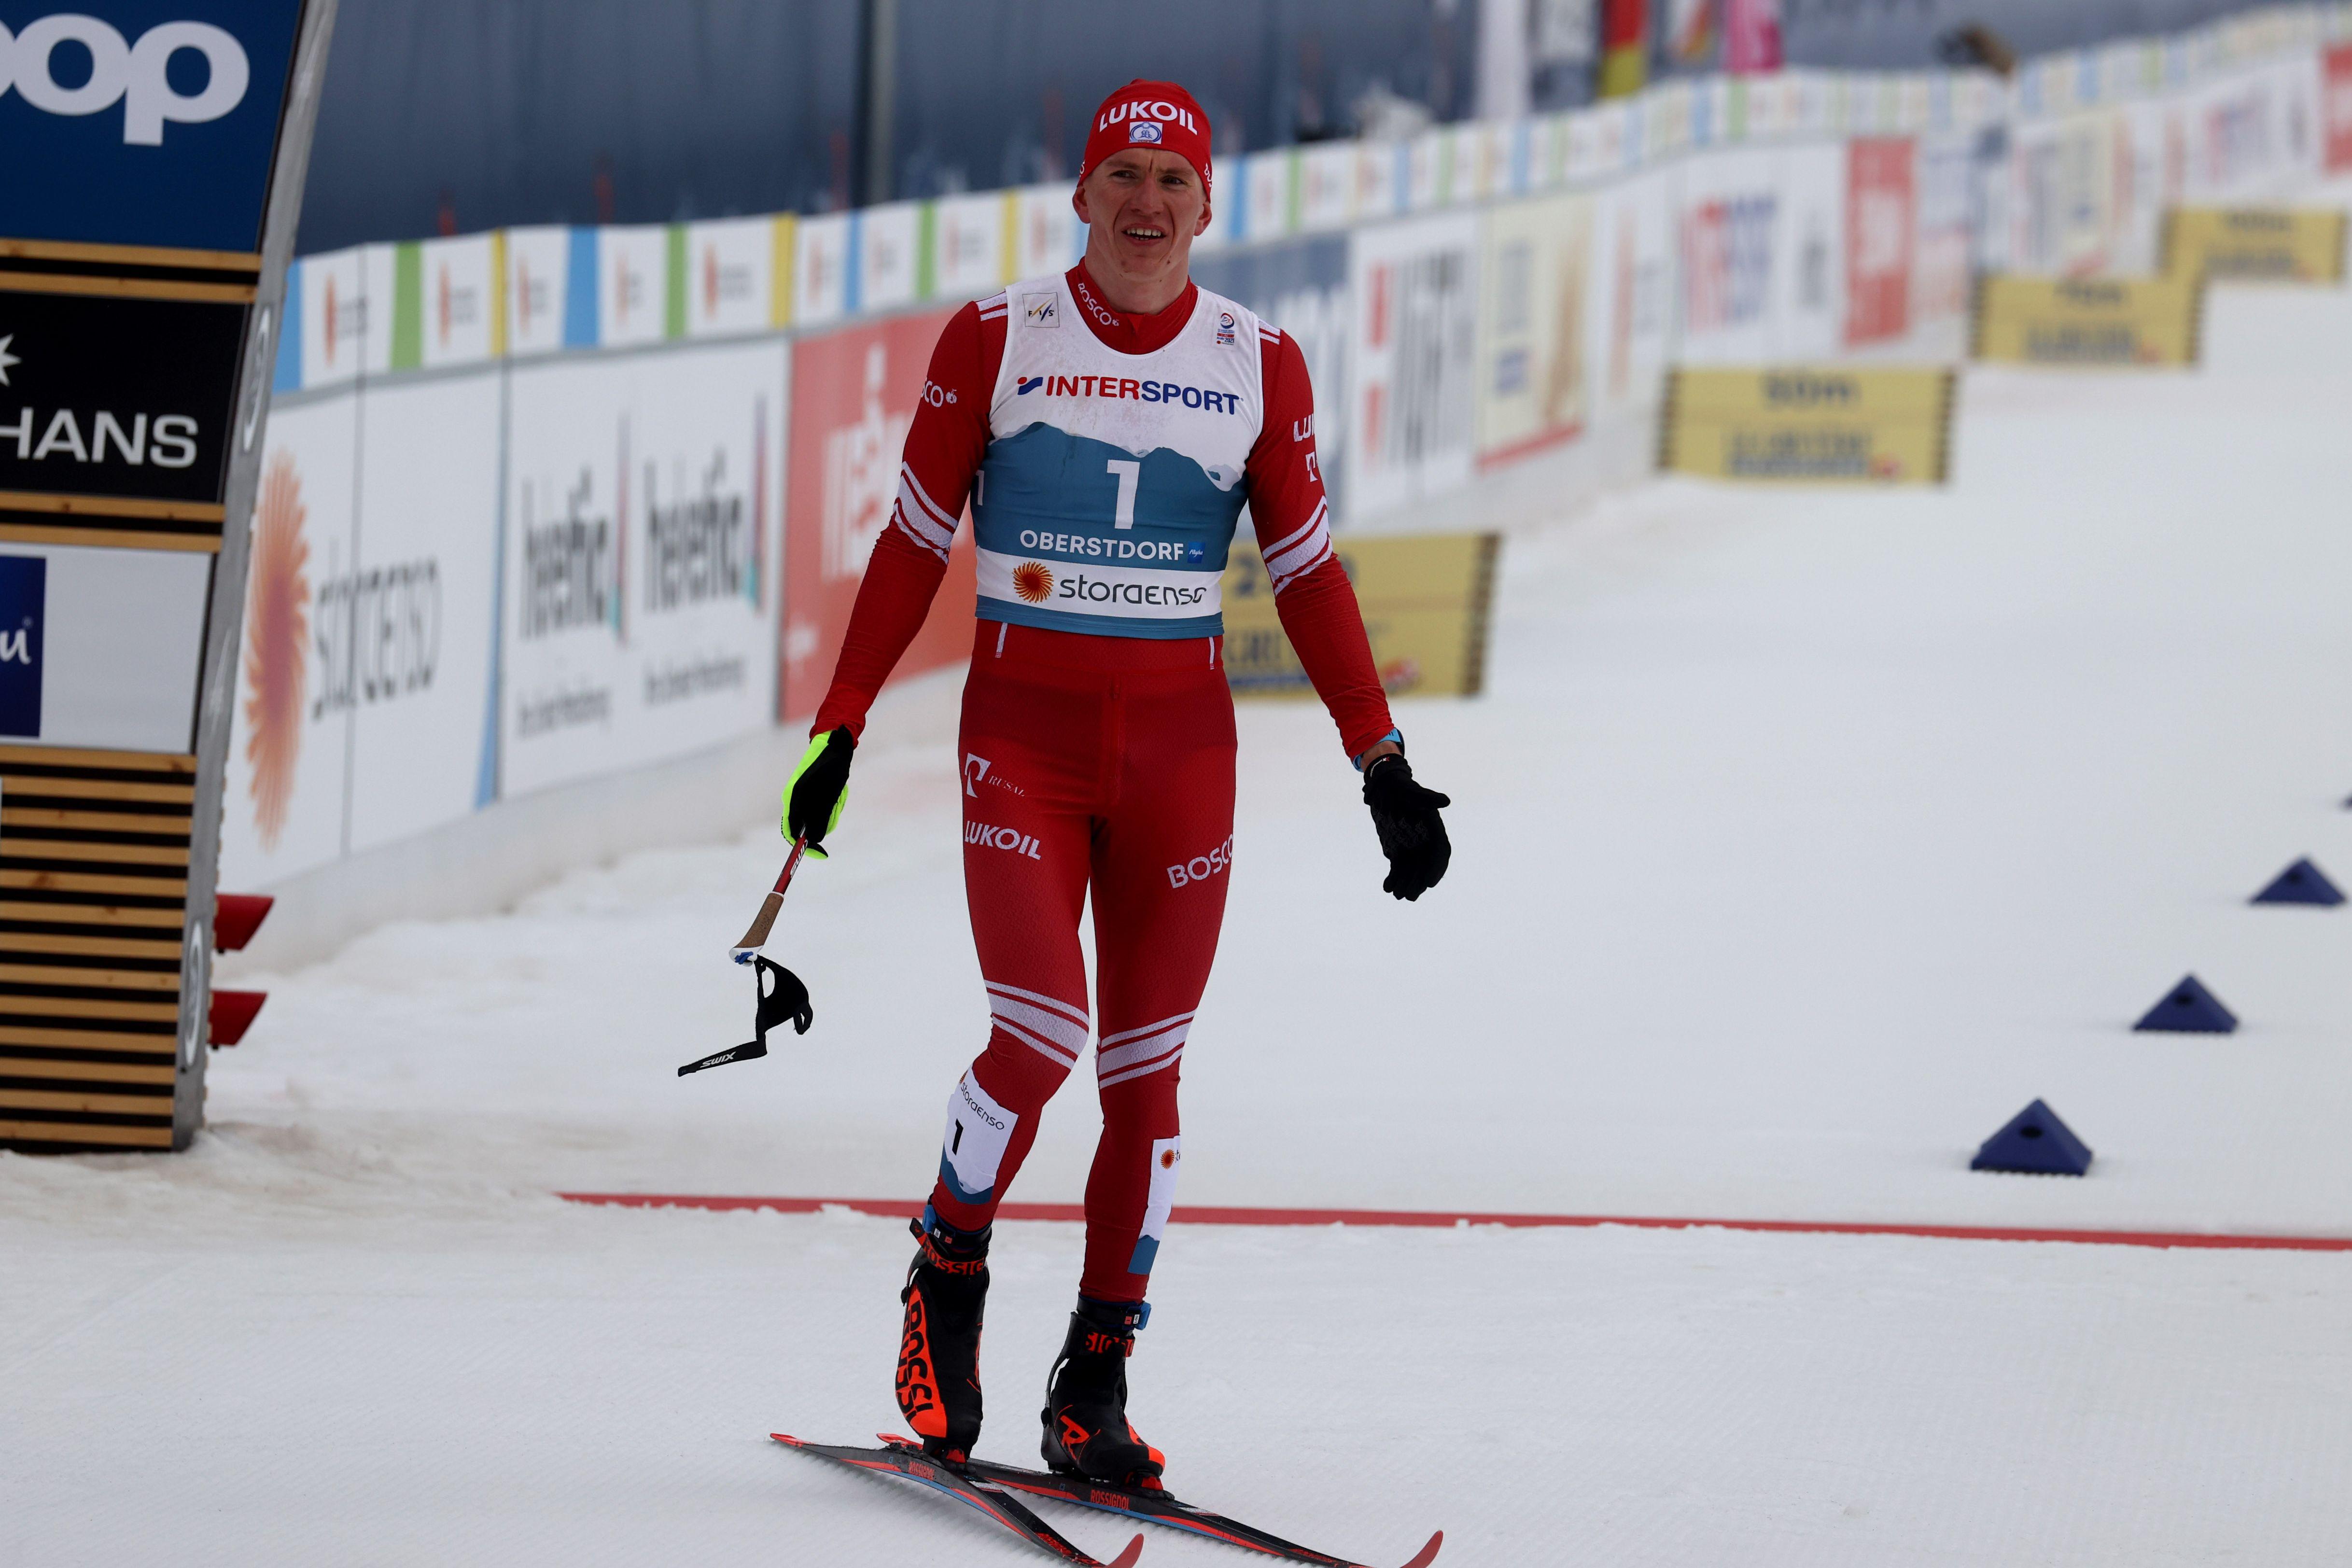 Большунов на чемпионате России побежит спринт и скиатлон